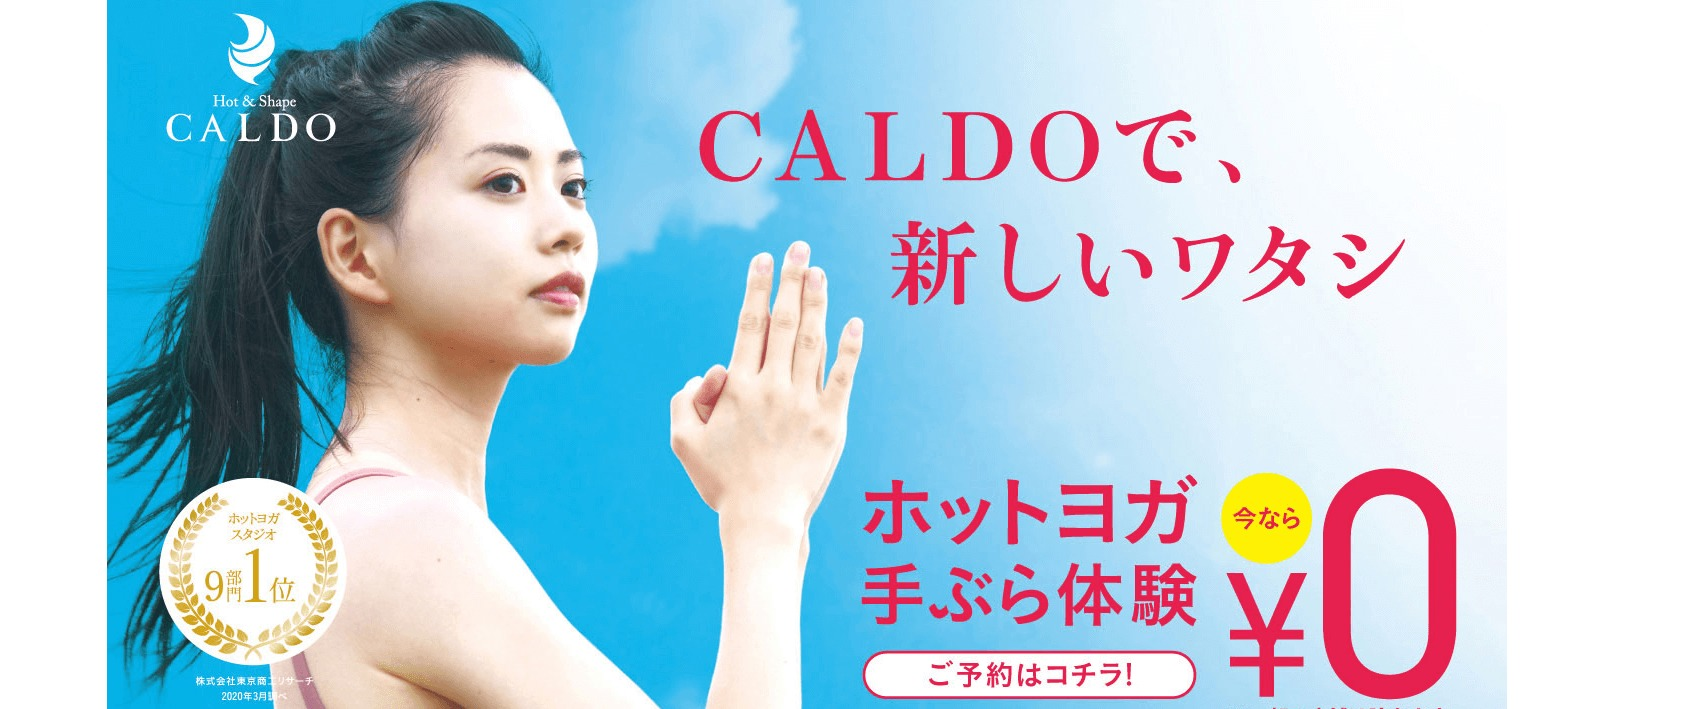 CALDO(カルド)